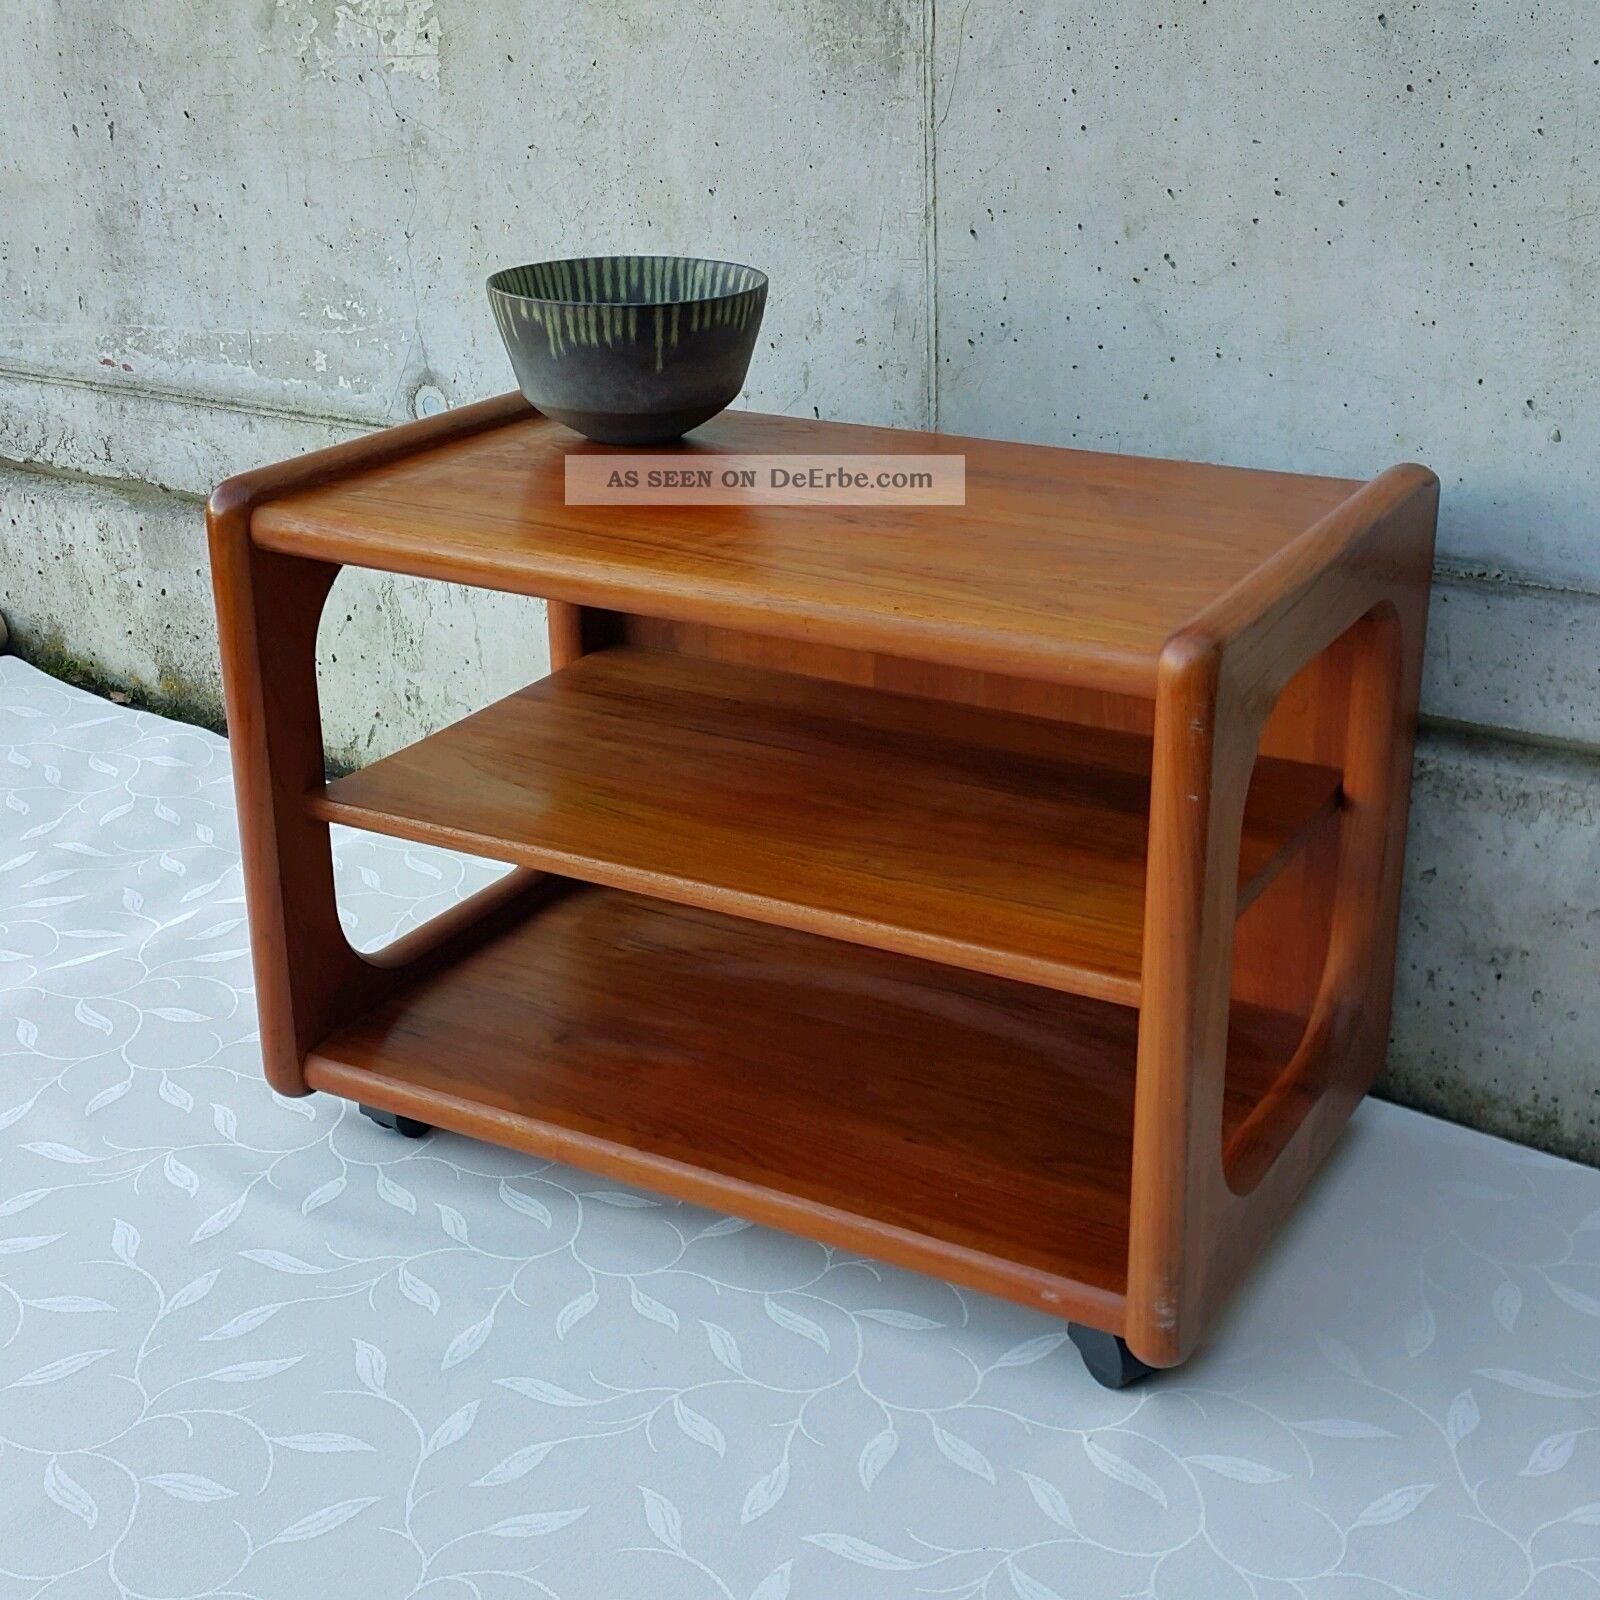 Denmark Teak Sofaboard Side Table Beistelltisch Toften Möbelfabriken 60er Modern 1960-1969 Bild